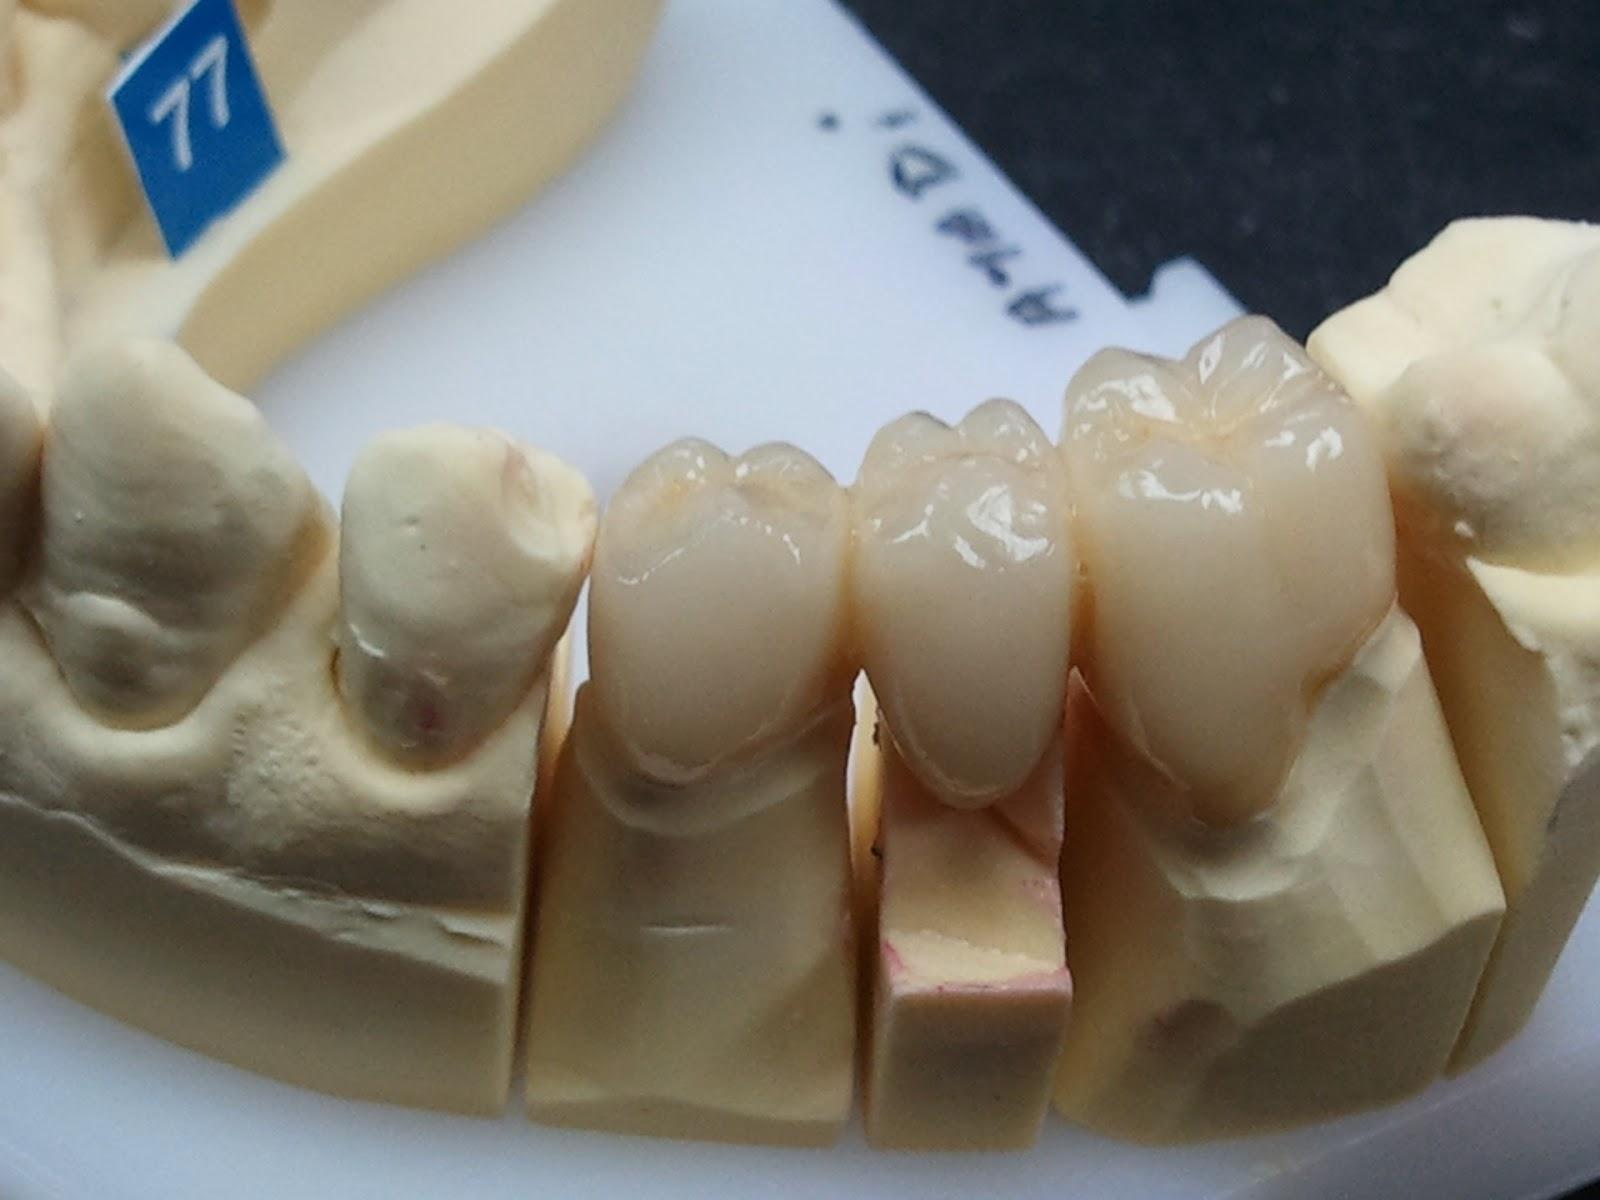 prothesiste dentaire paris 17